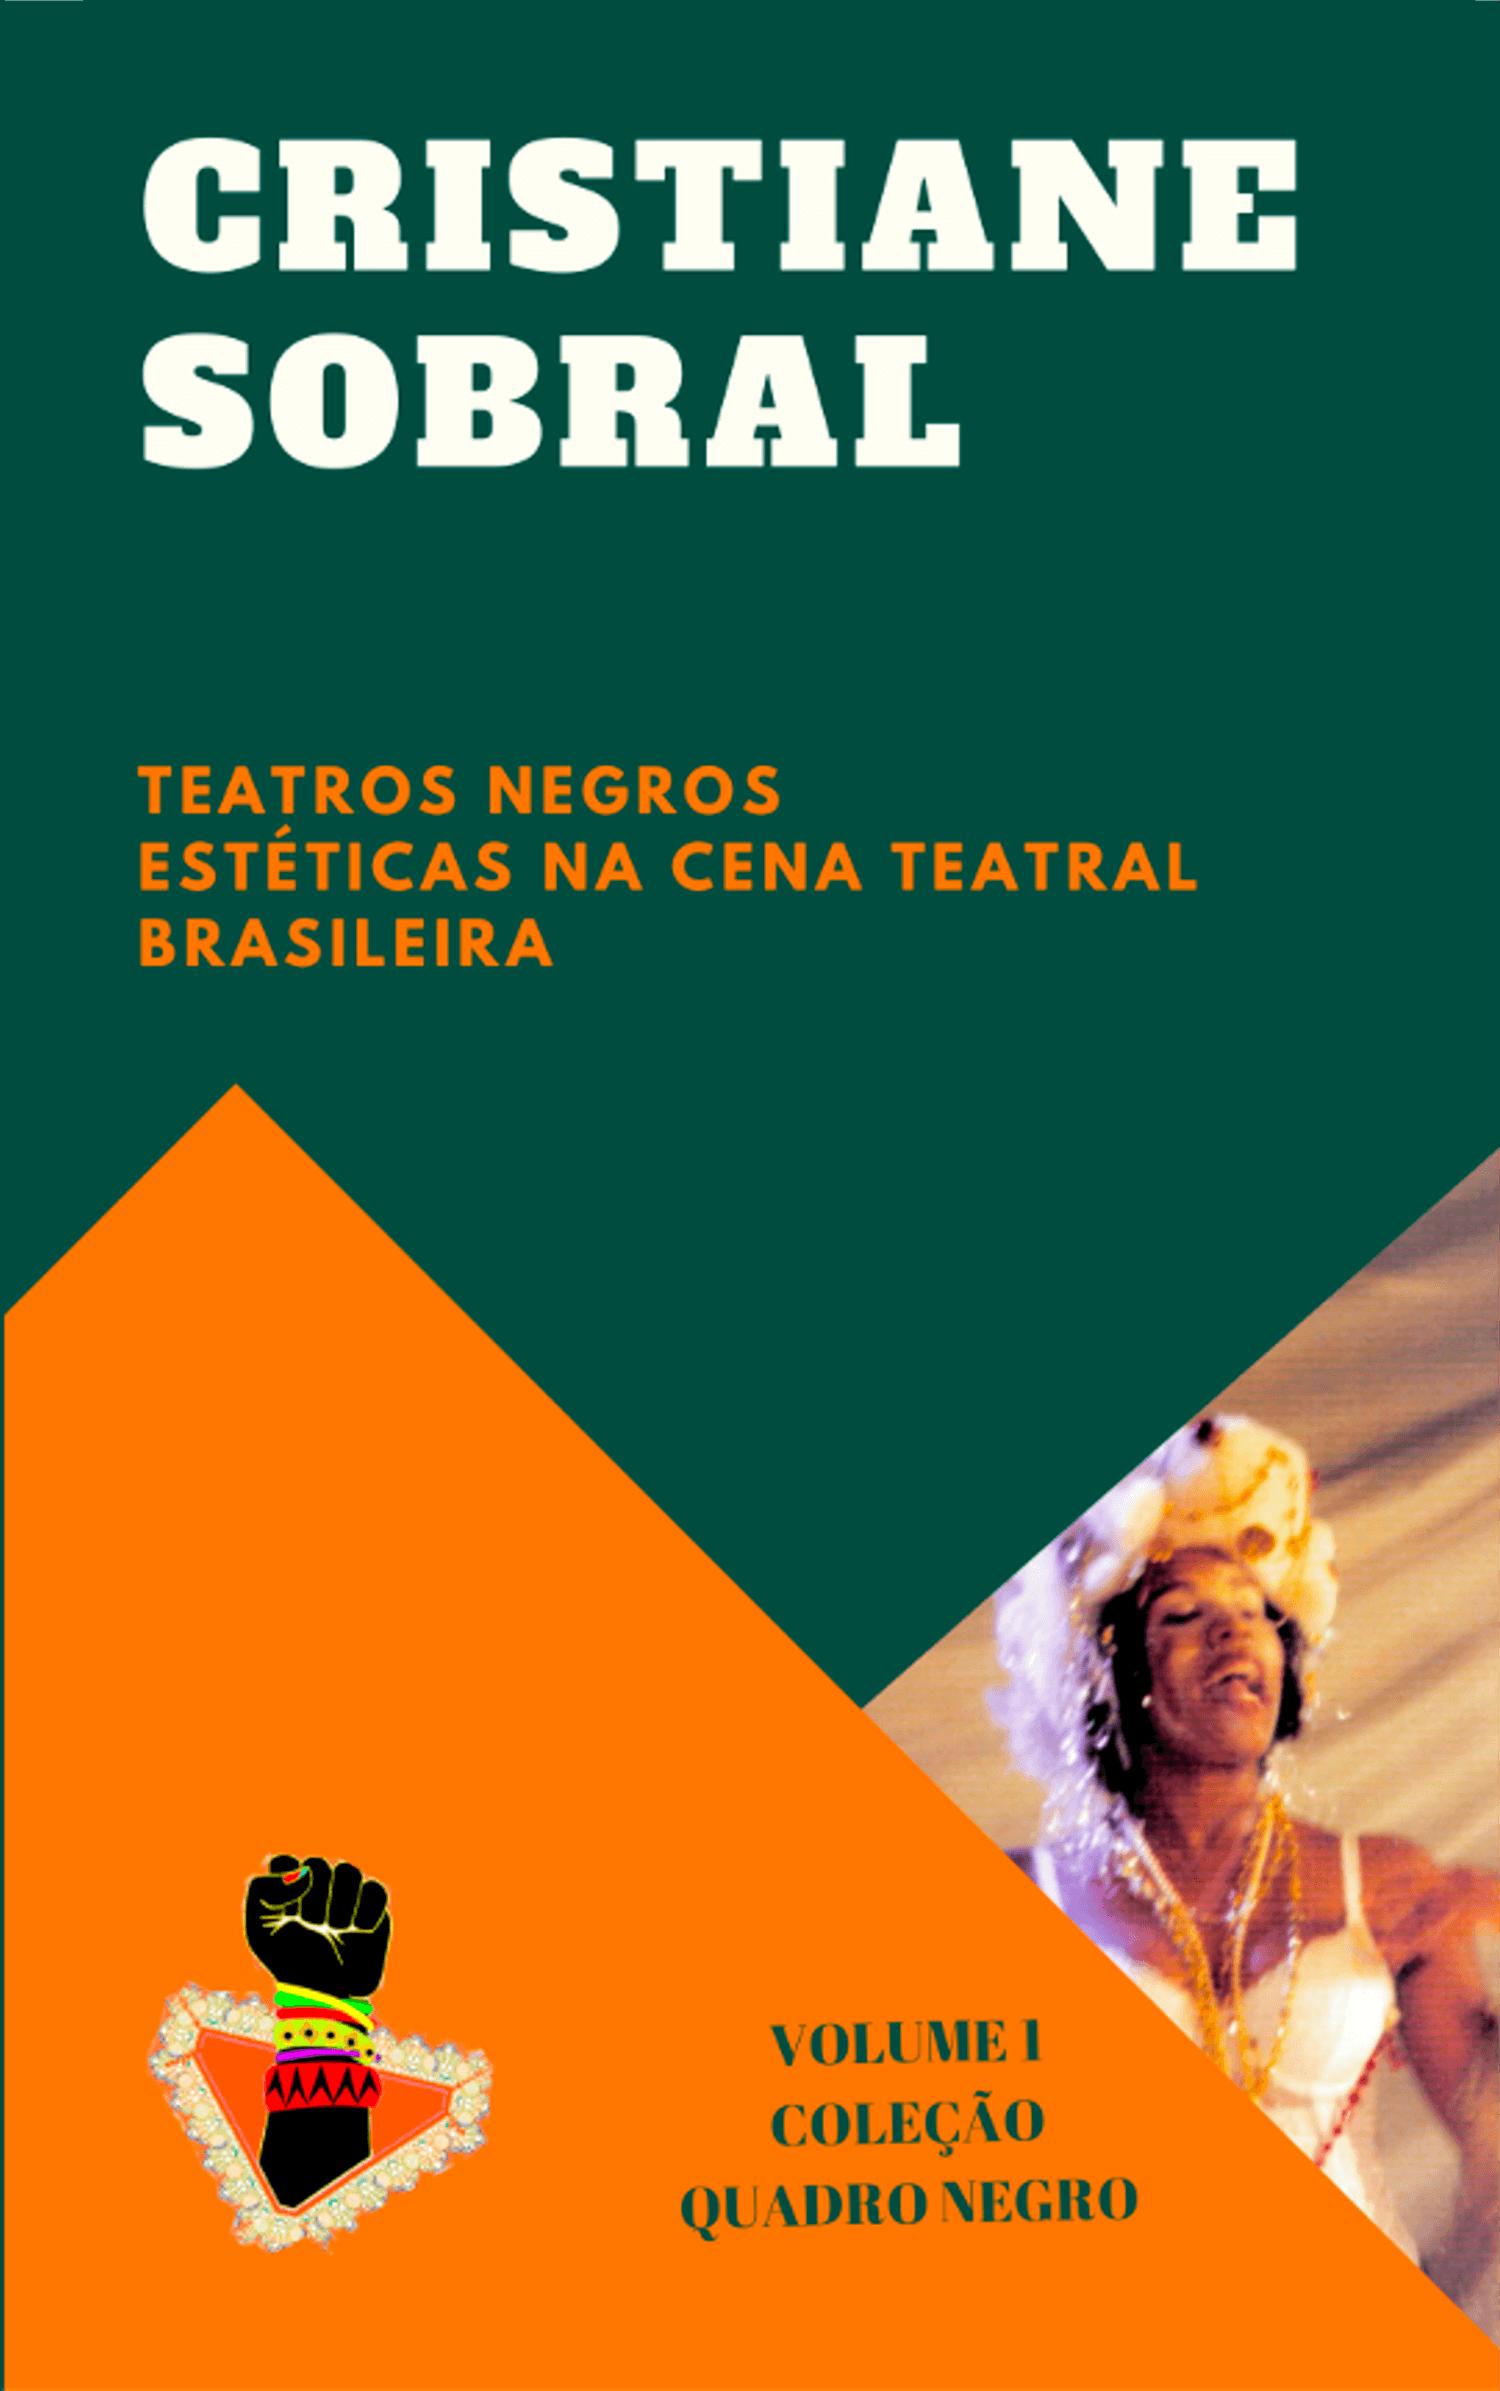 Teatros negros e suas estéticas na cena teatral brasileira